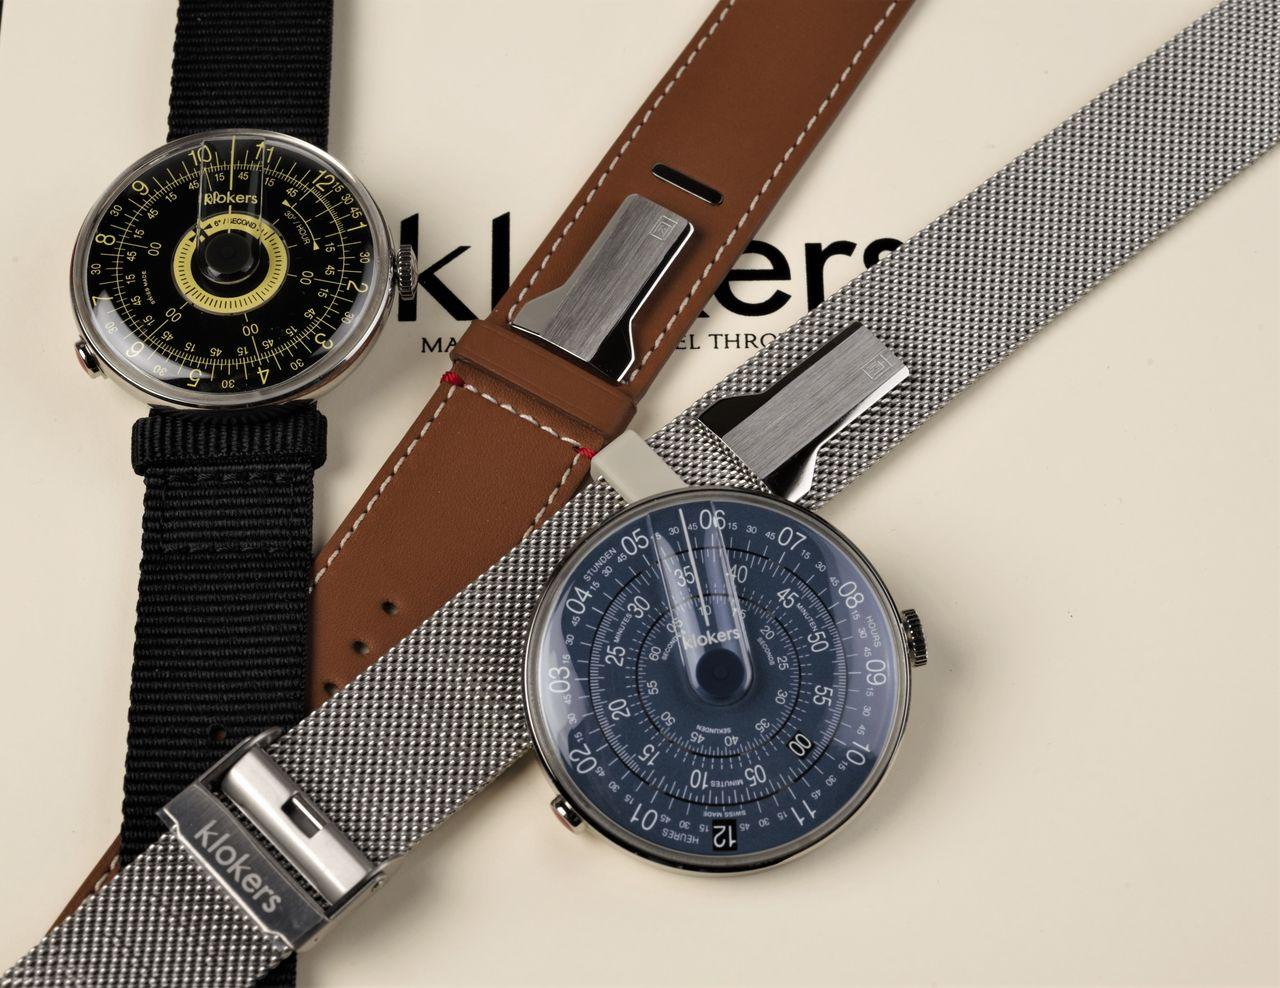 Klokers Klok-08 és Klok-01 Mindnight Blue - ennél lényegesen gazdagabb a szíjválaszték